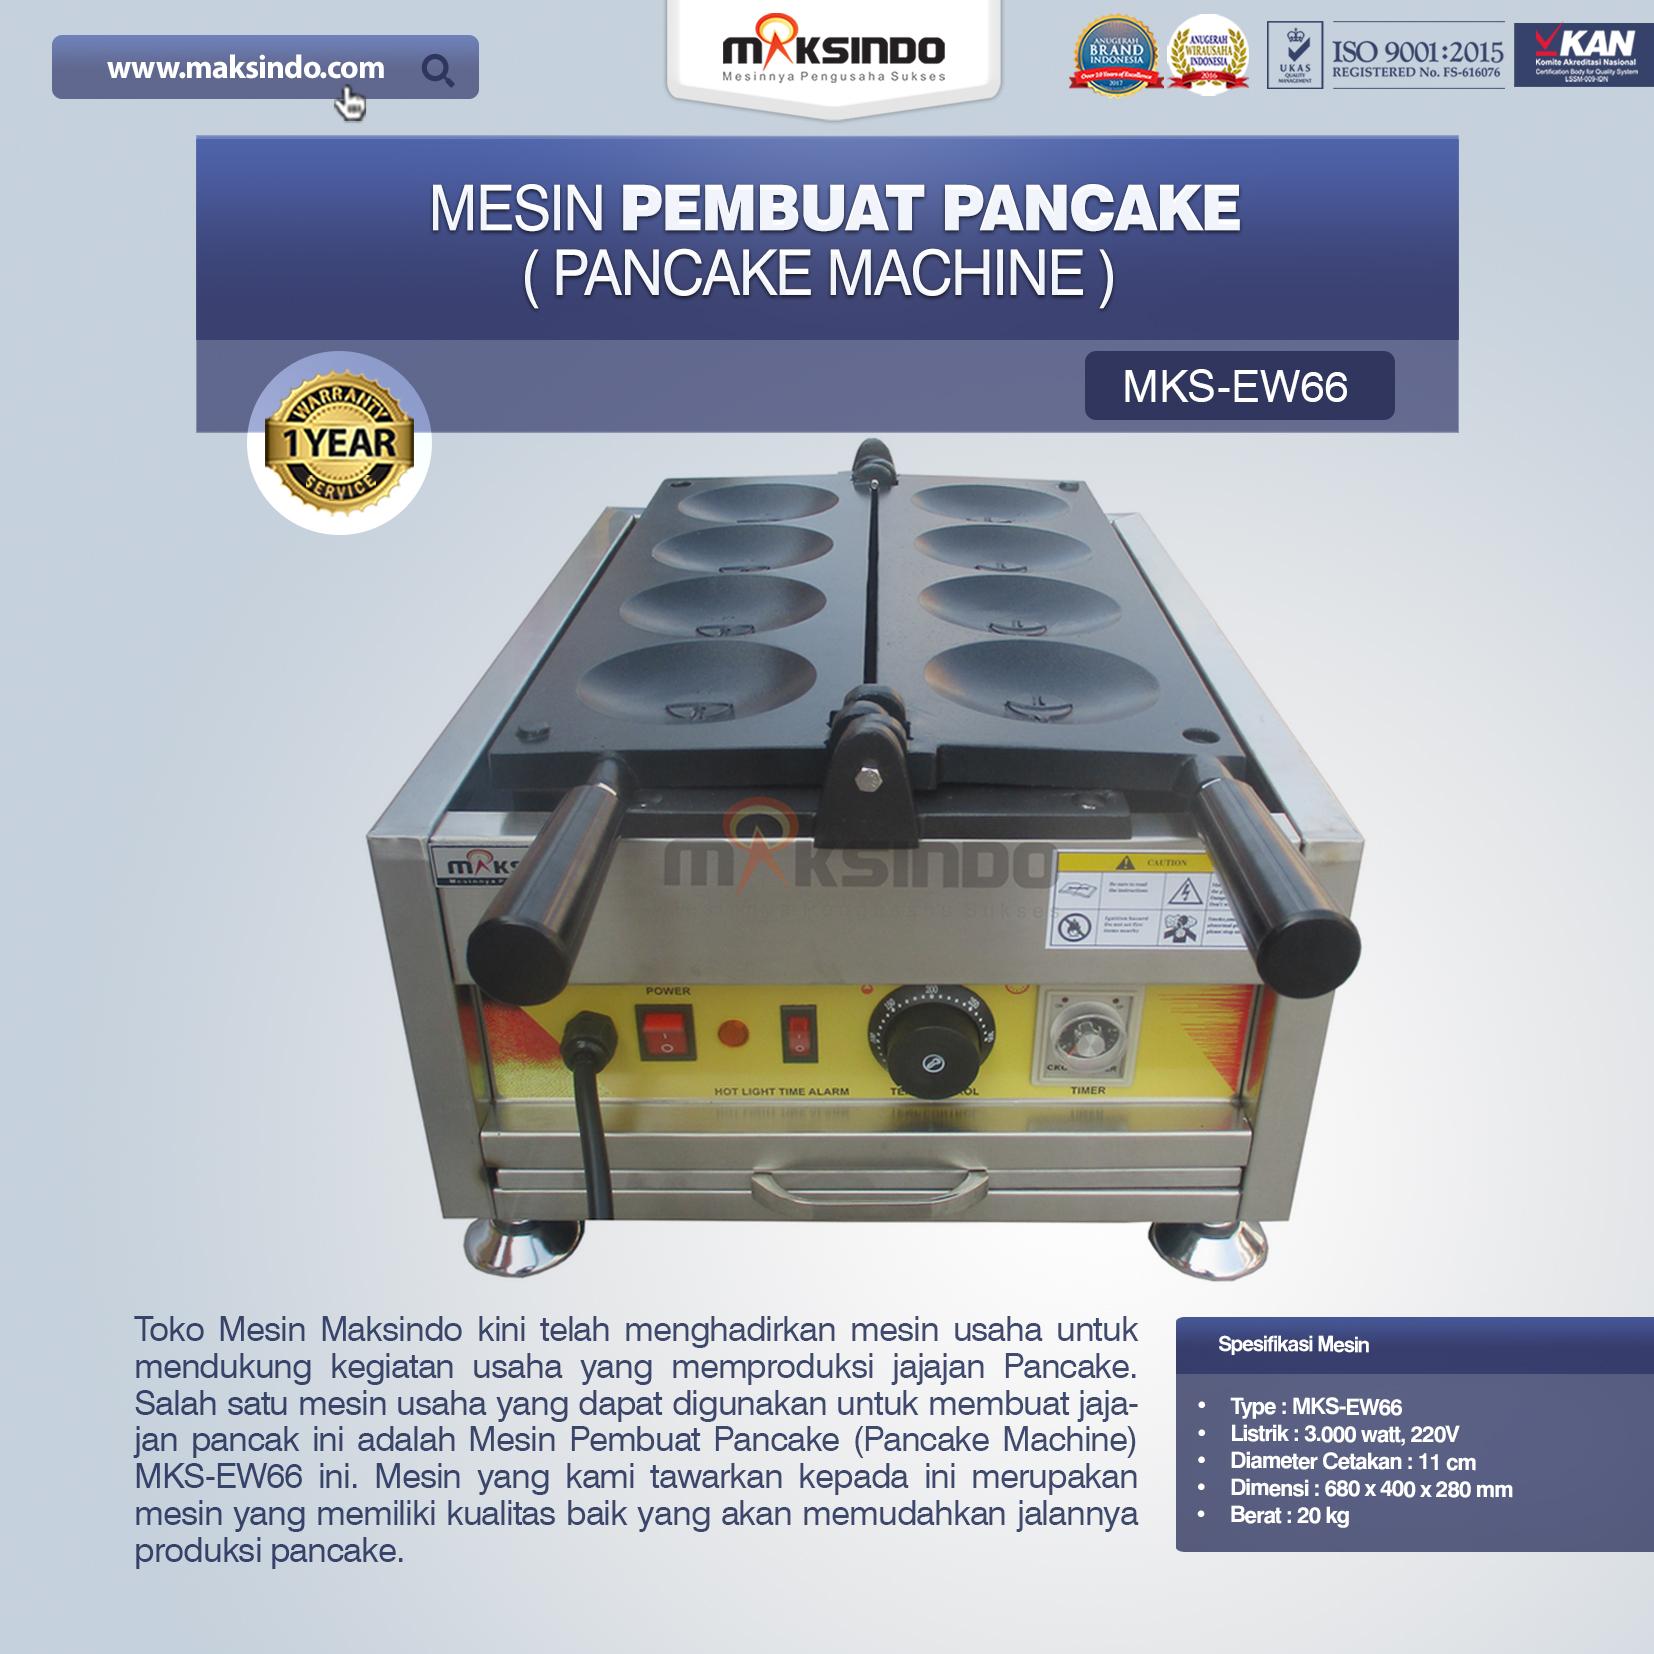 Jual Mesin Pembuat Pancake (Pancake Machine) MKS-EW66 di Bogor